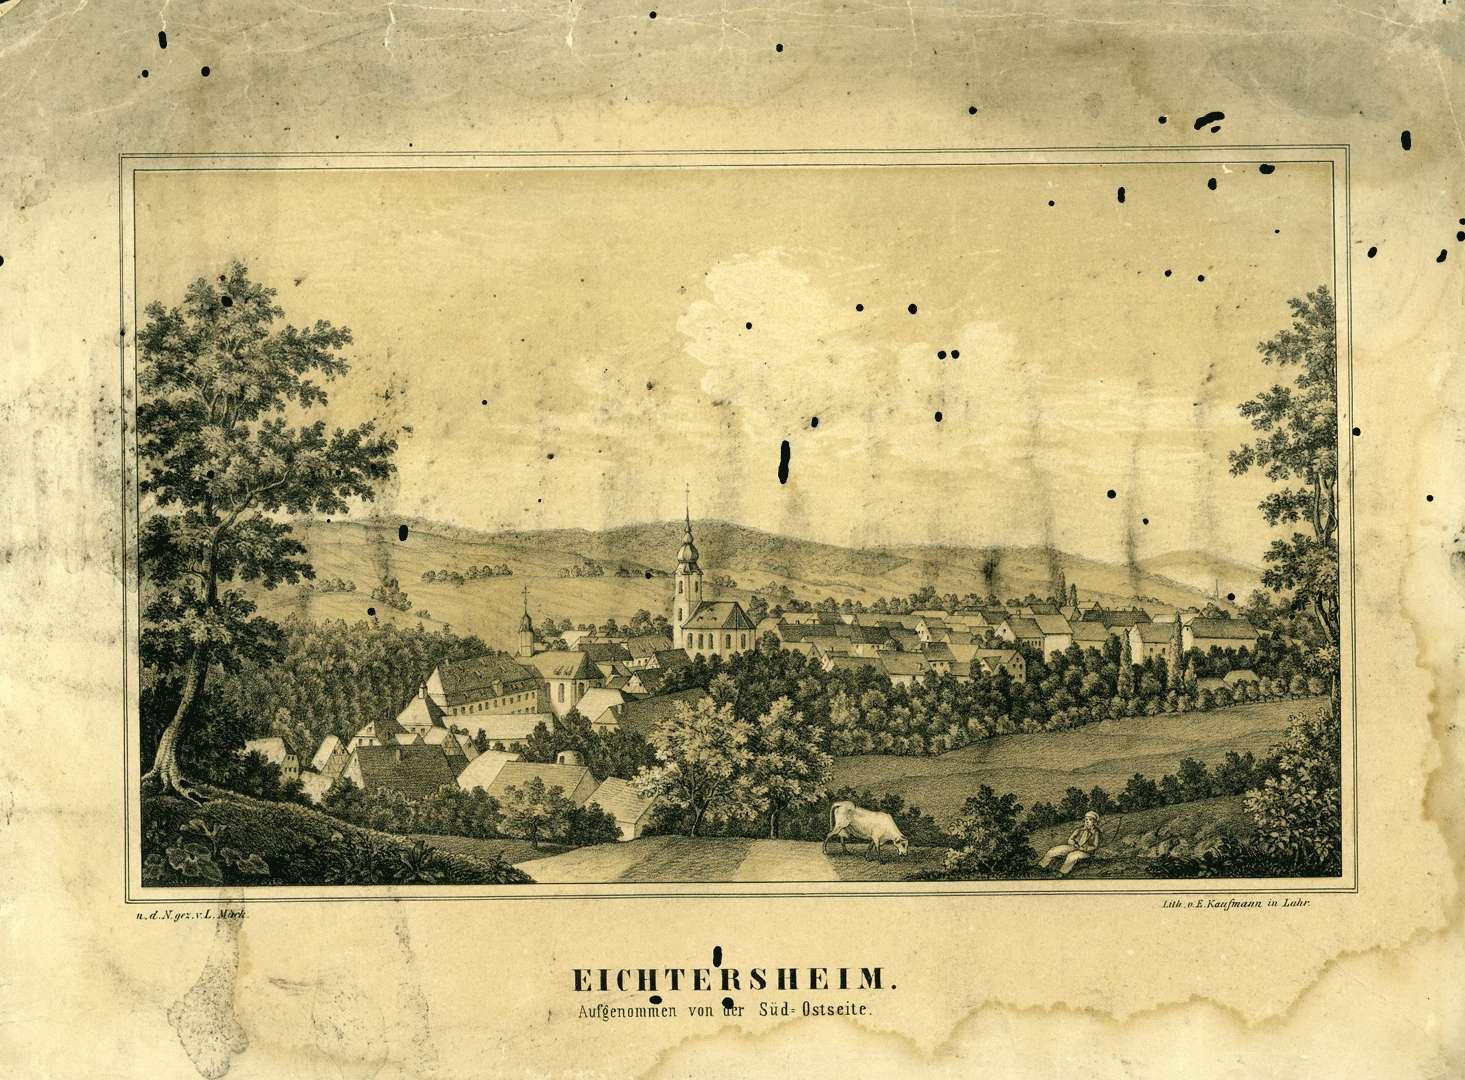 Eichtersheim aufgenommen von der Süd-Ostseite, Bild 1